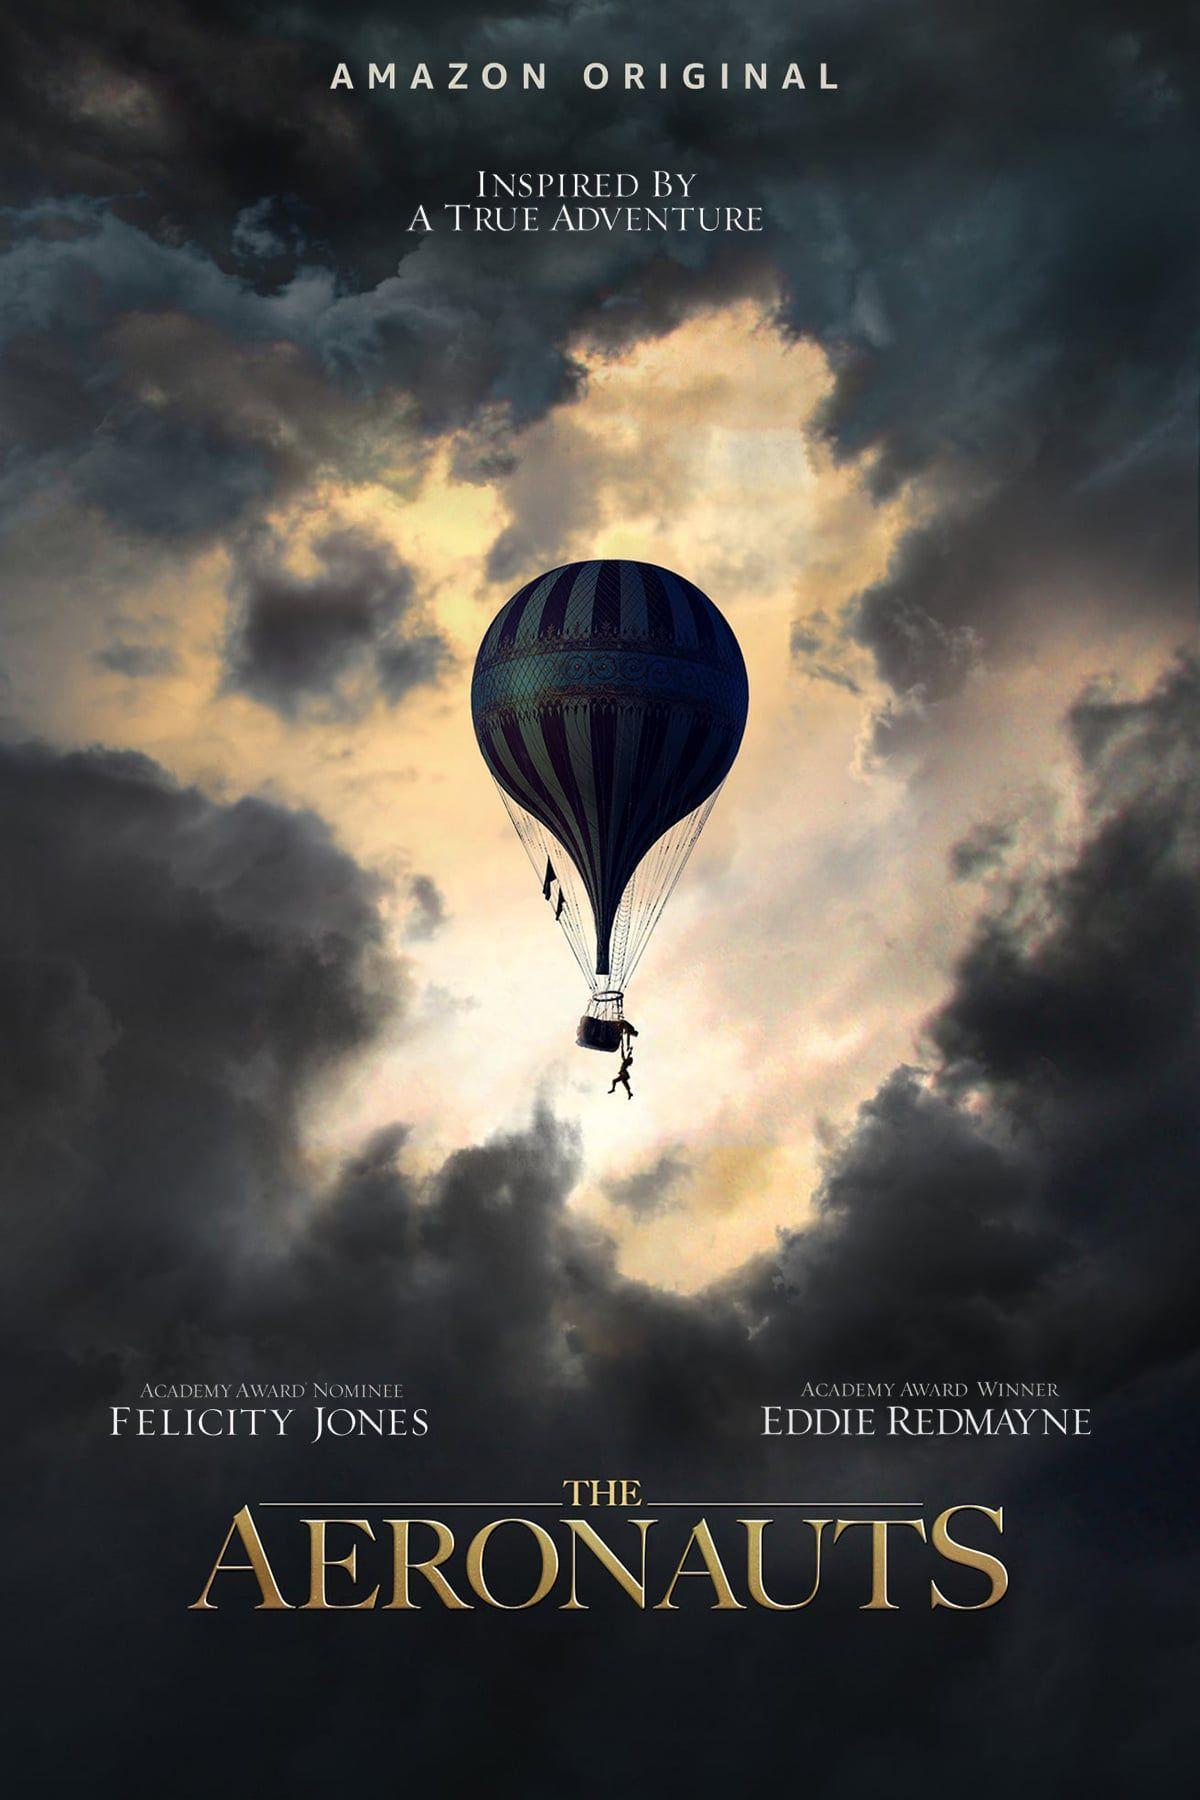 The Aeronauts Movie Bittorrent Full Movies Online Free Movies Online Full Movies